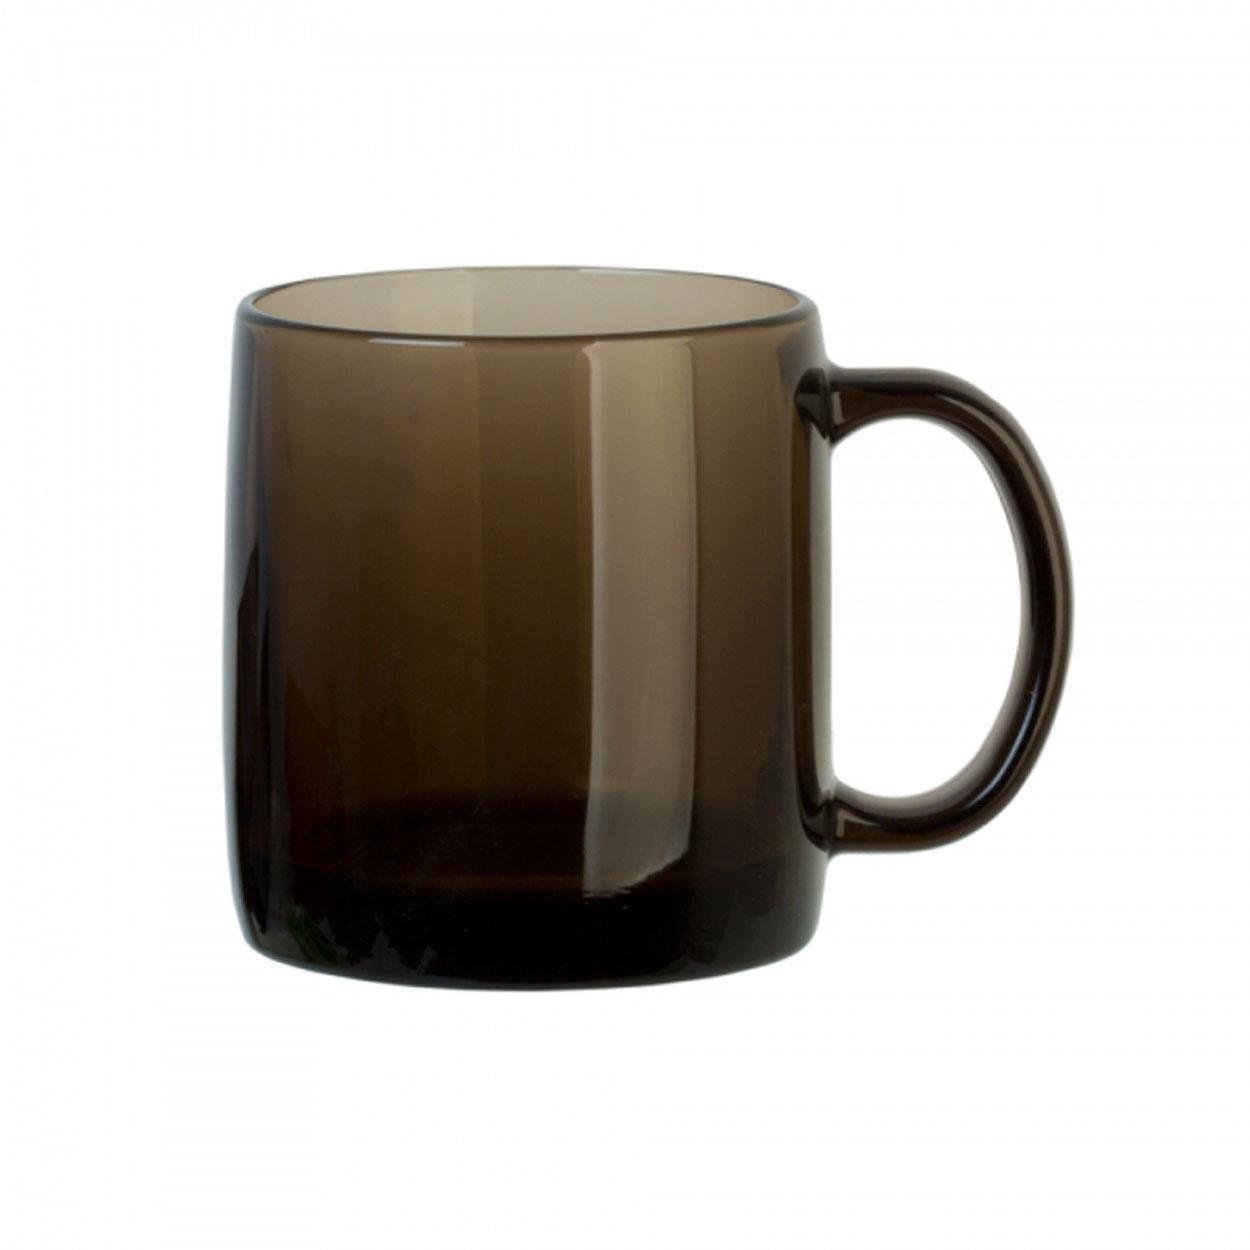 Кружка Luminarc Нордик, цвет: дымчатый, 380 млH9151Кружка Luminarc Нордик изготовлена из упрочненного стекла. Такая кружка прекрасно подойдет для горячих и холодных напитков. Она дополнит коллекцию вашей кухонной посуды и будет служить долгие годы. Можно использовать в посудомоечной машине и микроволновой печи. Объем кружки: 380 мл. Диаметр кружки (по верхнему краю): 8 см. Высота стенки кружки: 9,5 см.